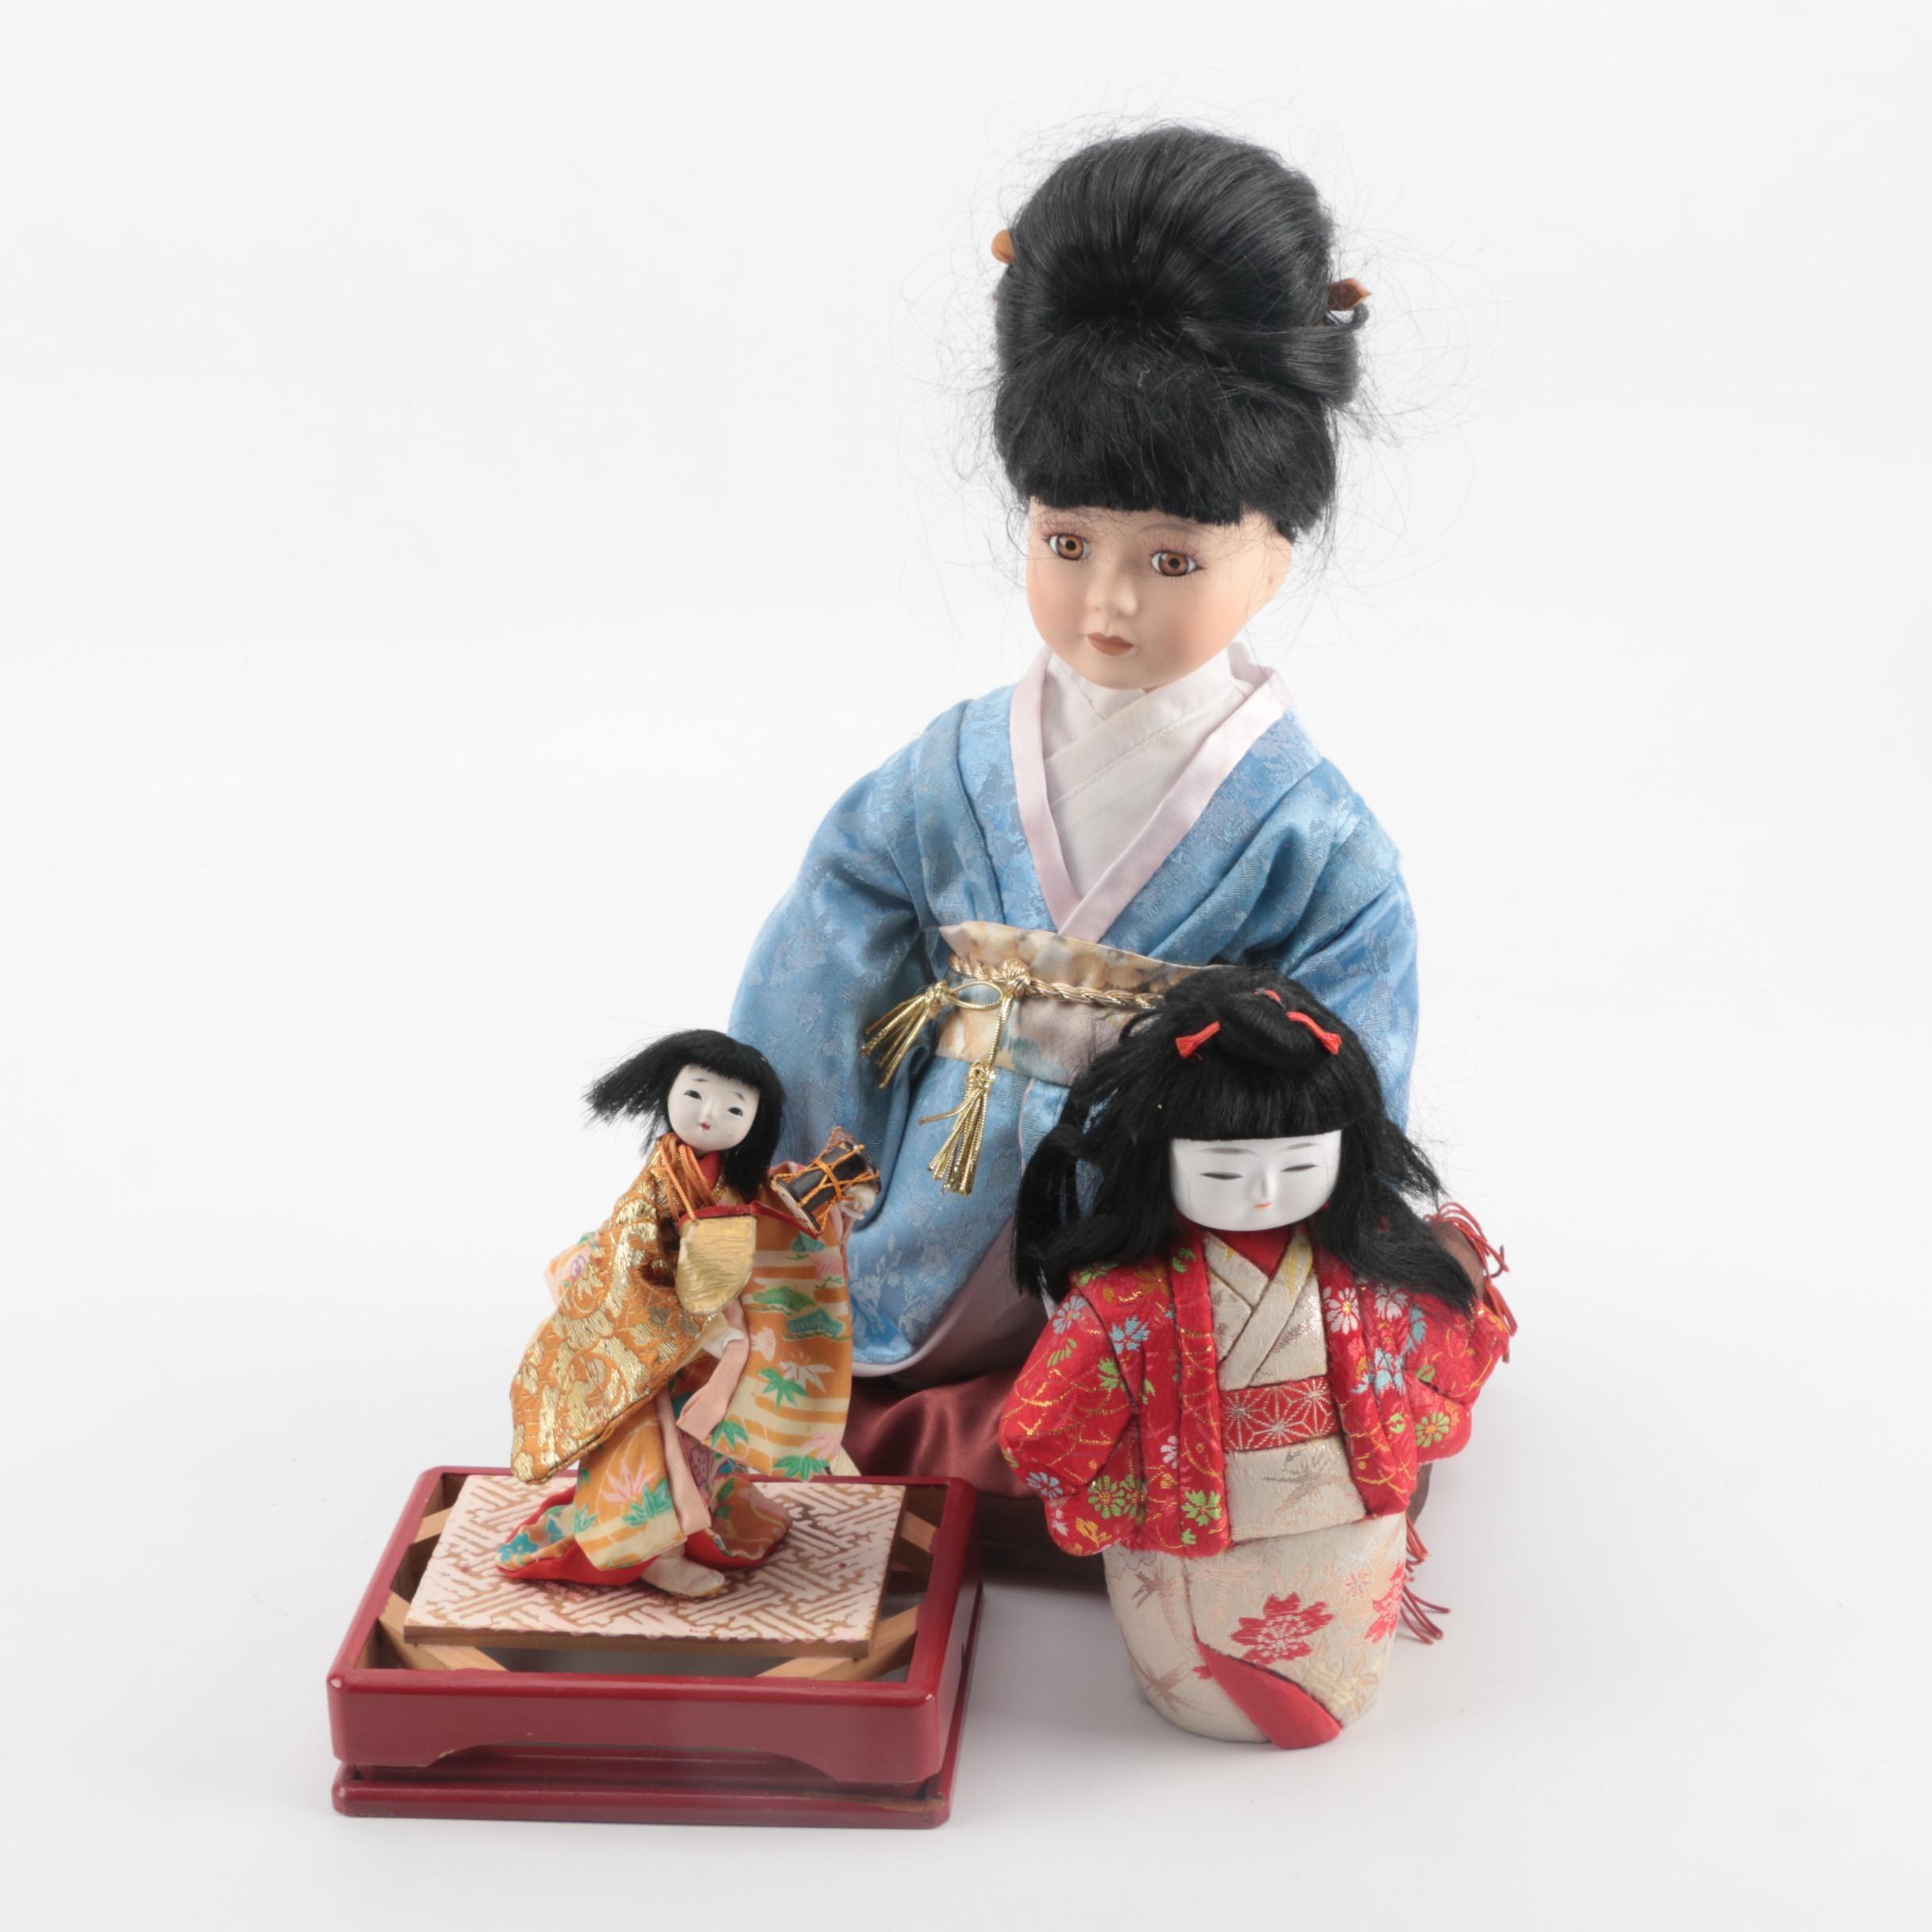 Japanese Inspired Porcelain Dolls